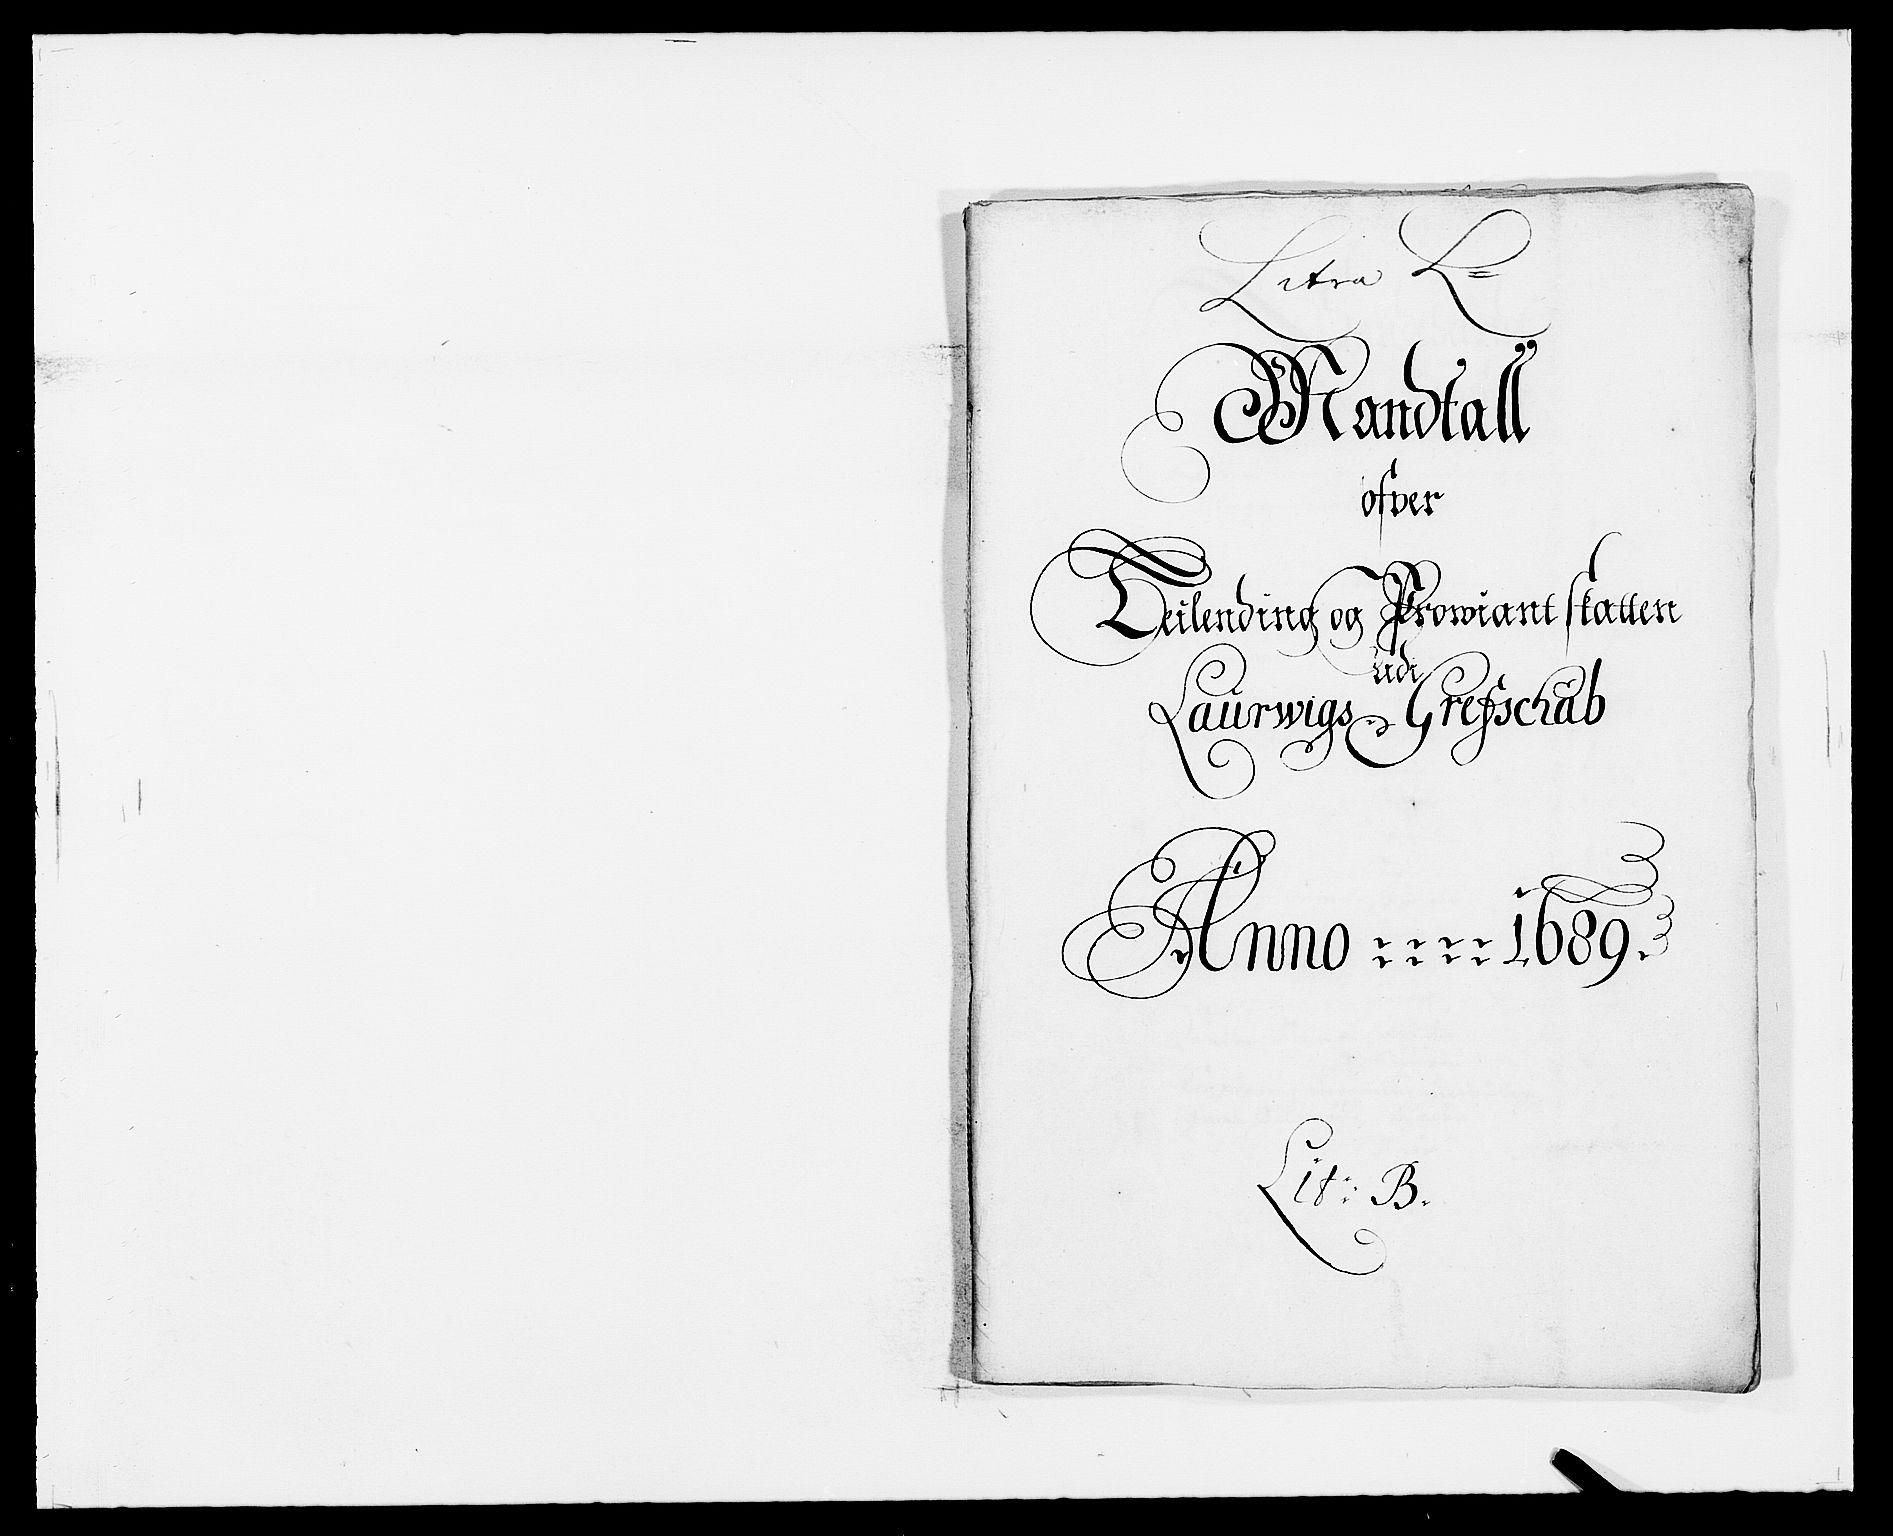 RA, Rentekammeret inntil 1814, Reviderte regnskaper, Fogderegnskap, R33/L1971: Fogderegnskap Larvik grevskap, 1688-1689, s. 171